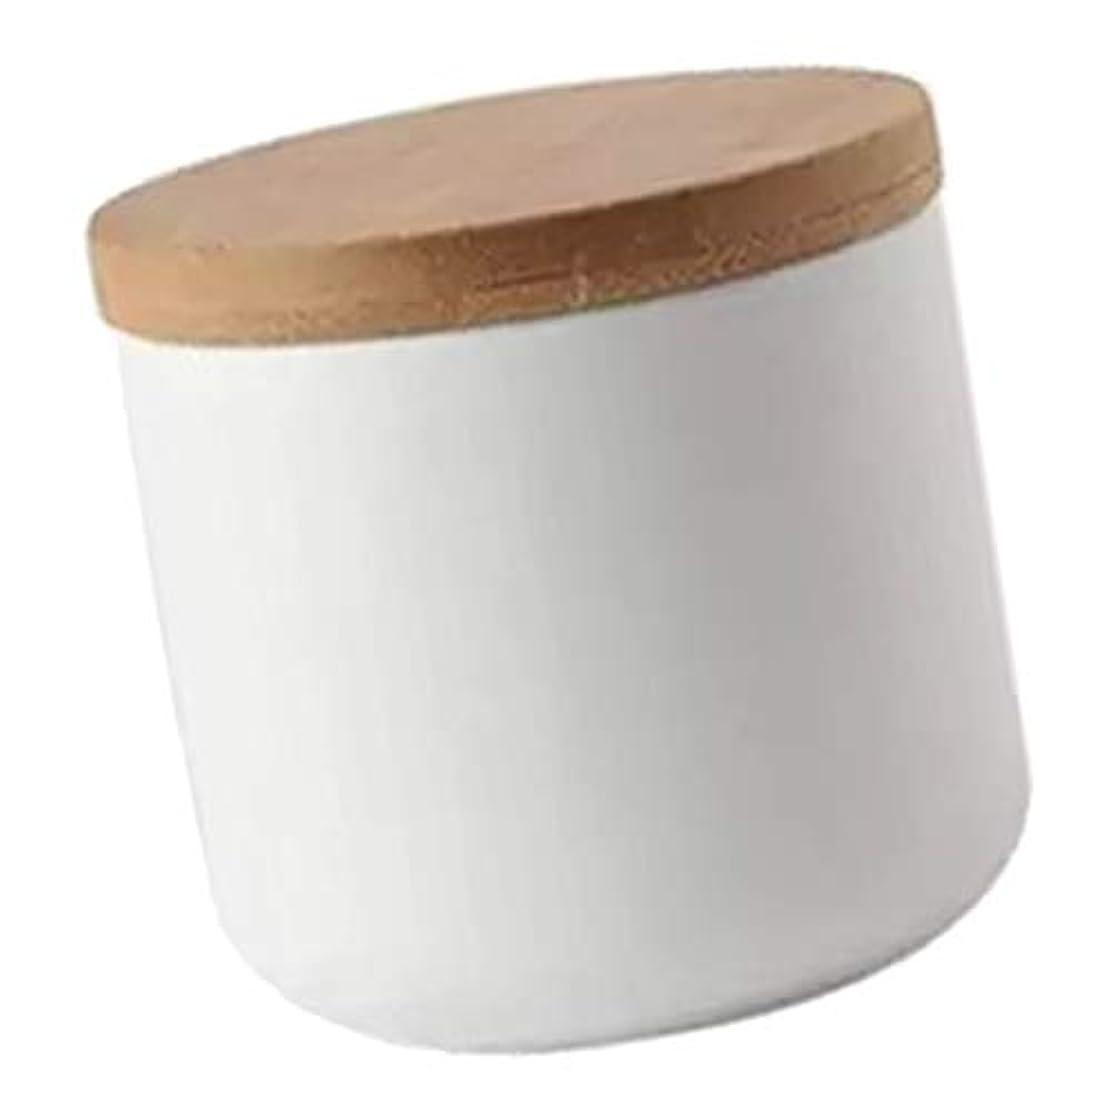 教育する時計回り政治家のToygogo アクリル ネイル用ツール ネイルリキッド パウダー コンテナ 収納ポット セラミック製 200ML 全2色 - 白い